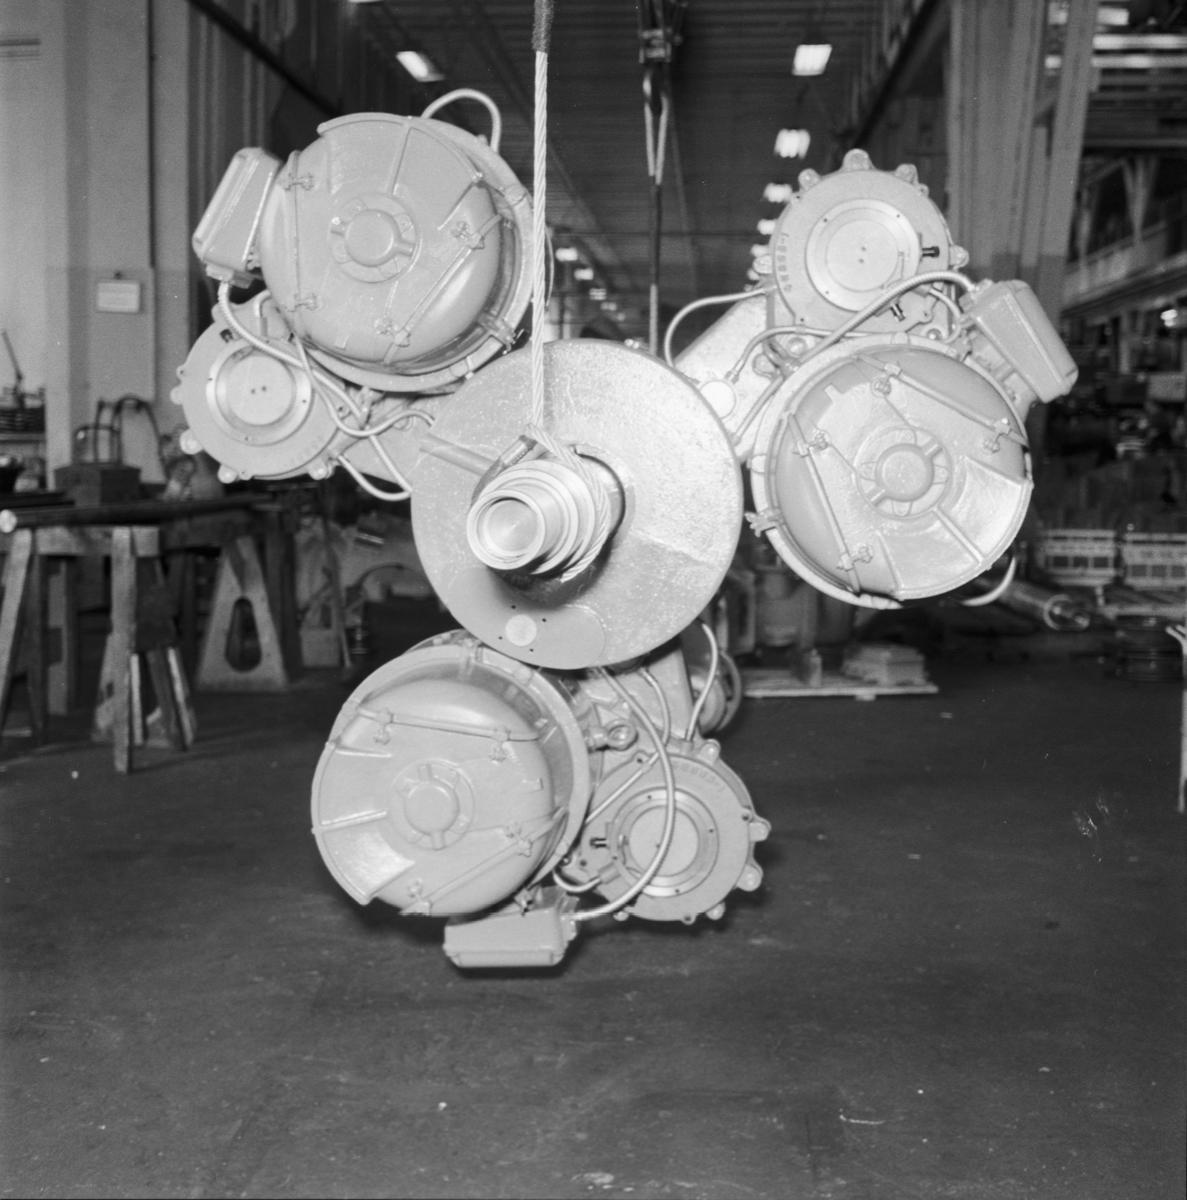 """Övrigt: Foto datum: 17/8 1961 Byggnader och kranar """"ASEA"""" 3-armat rullställ"""